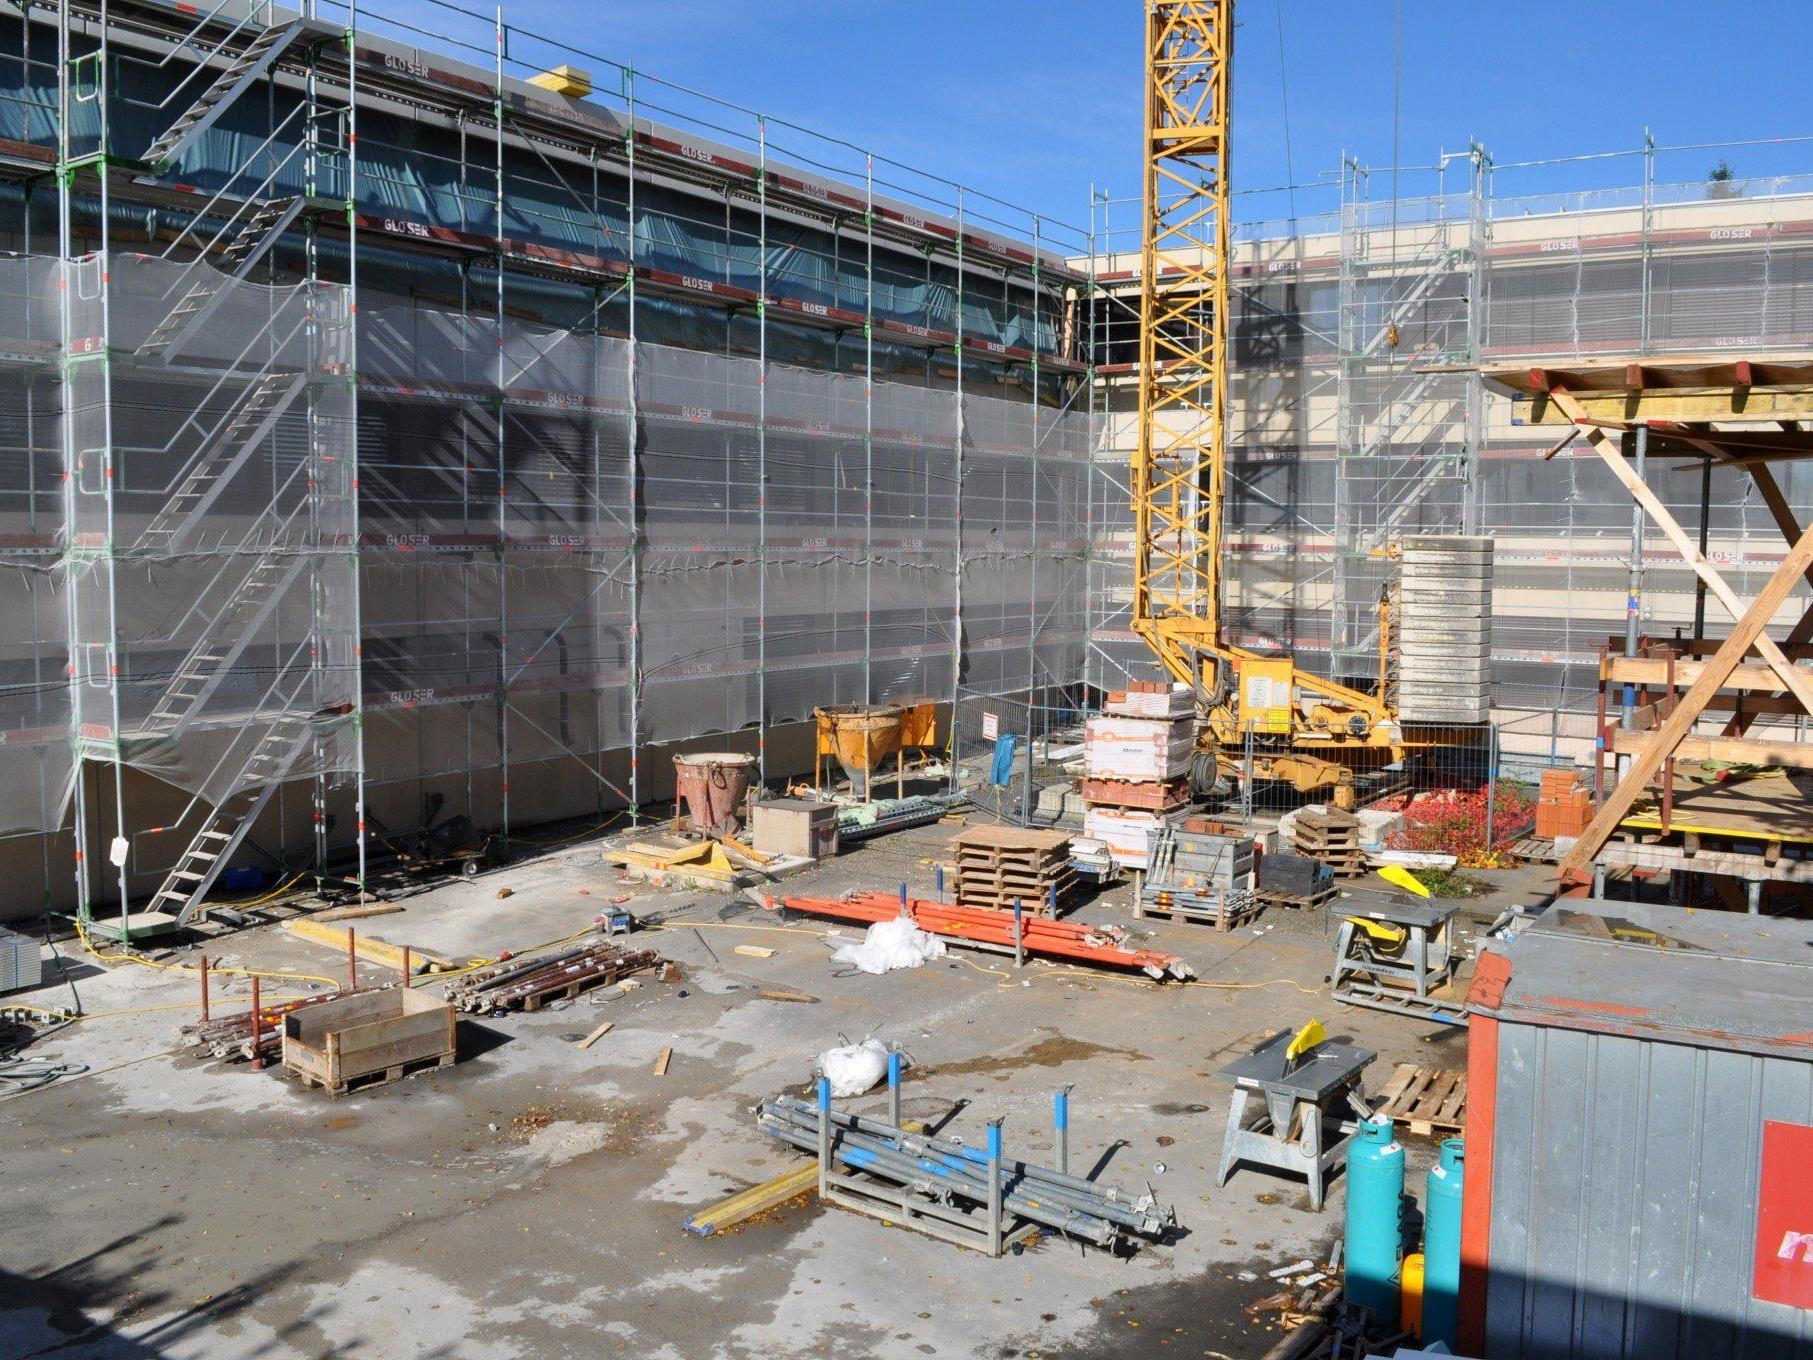 Die Arbeiten laufen aktuell weiter auf Hochtouren. In rund zwei Jahren sollen alle Arbeiten abgeschlossen sein.